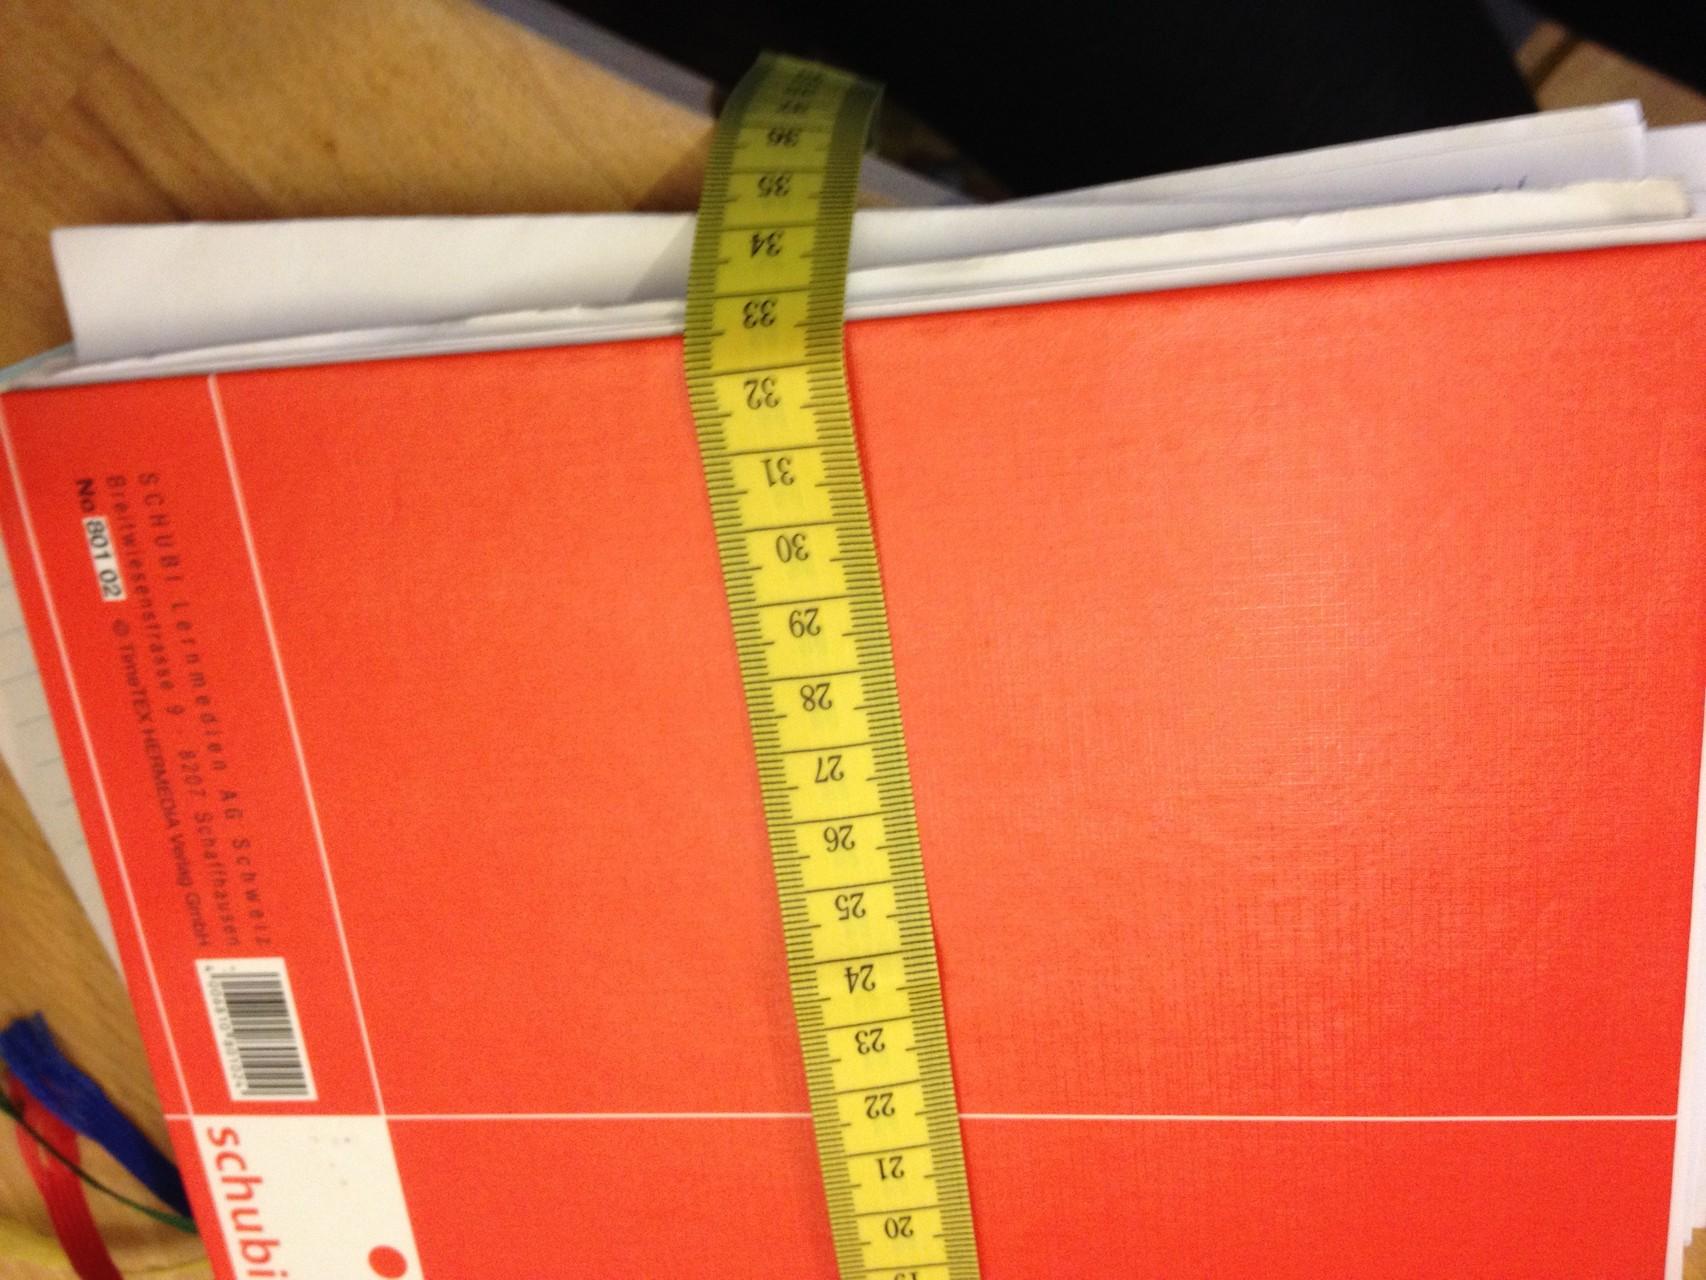 als auch die Breite. Wichtig dabei ist, dass ihr den Buchrücken mitmesst, sonst ist passt es am Ende nicht, weil die Breite ja im aufgeklappten Zustand größer ist.